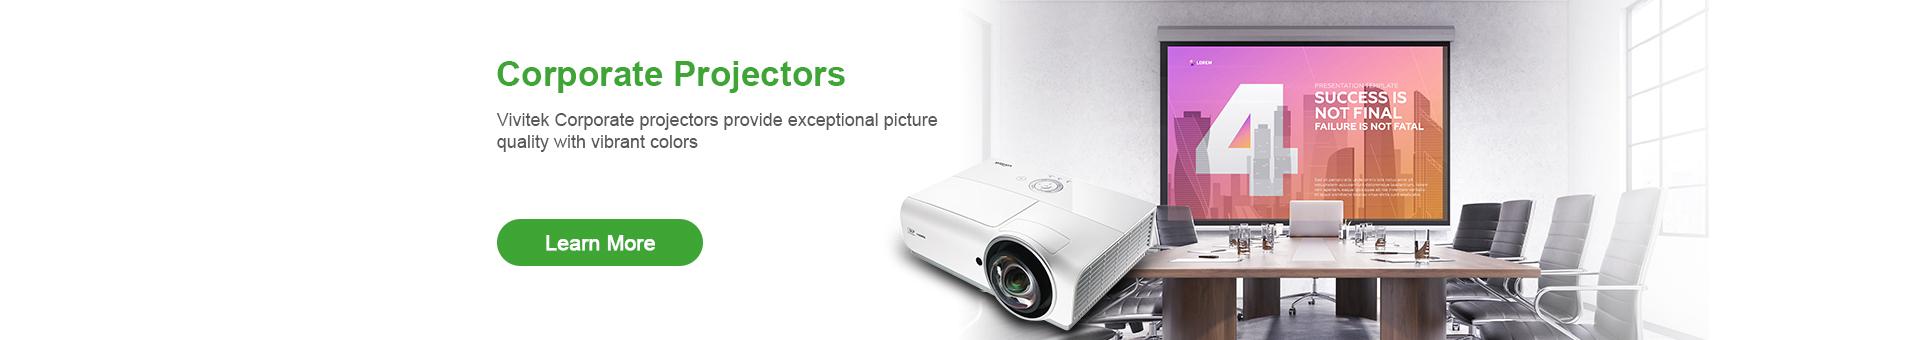 vivitek Corporate Projectors